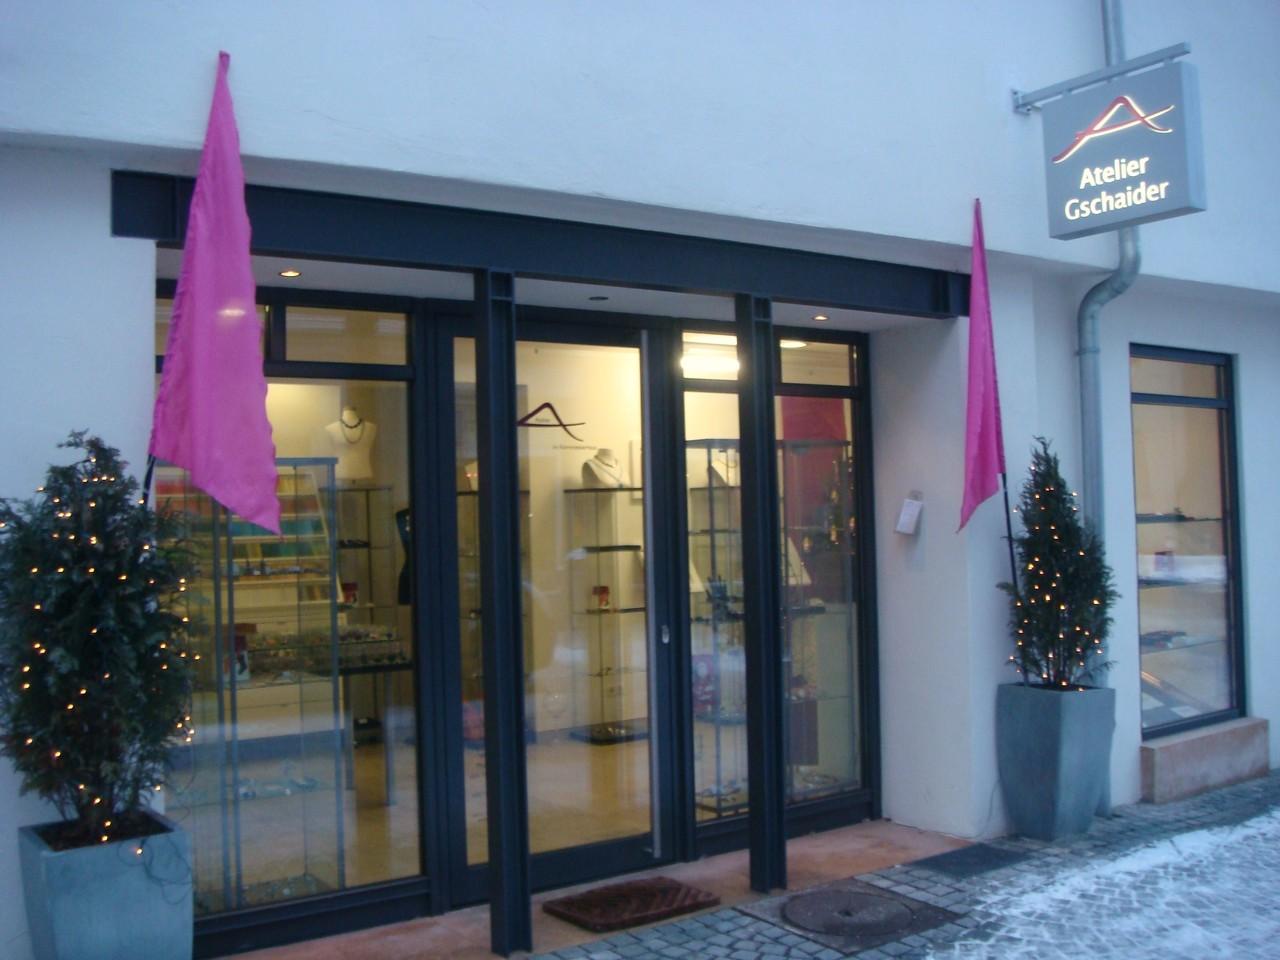 Eingangsbereich des Ateliers in Ulm